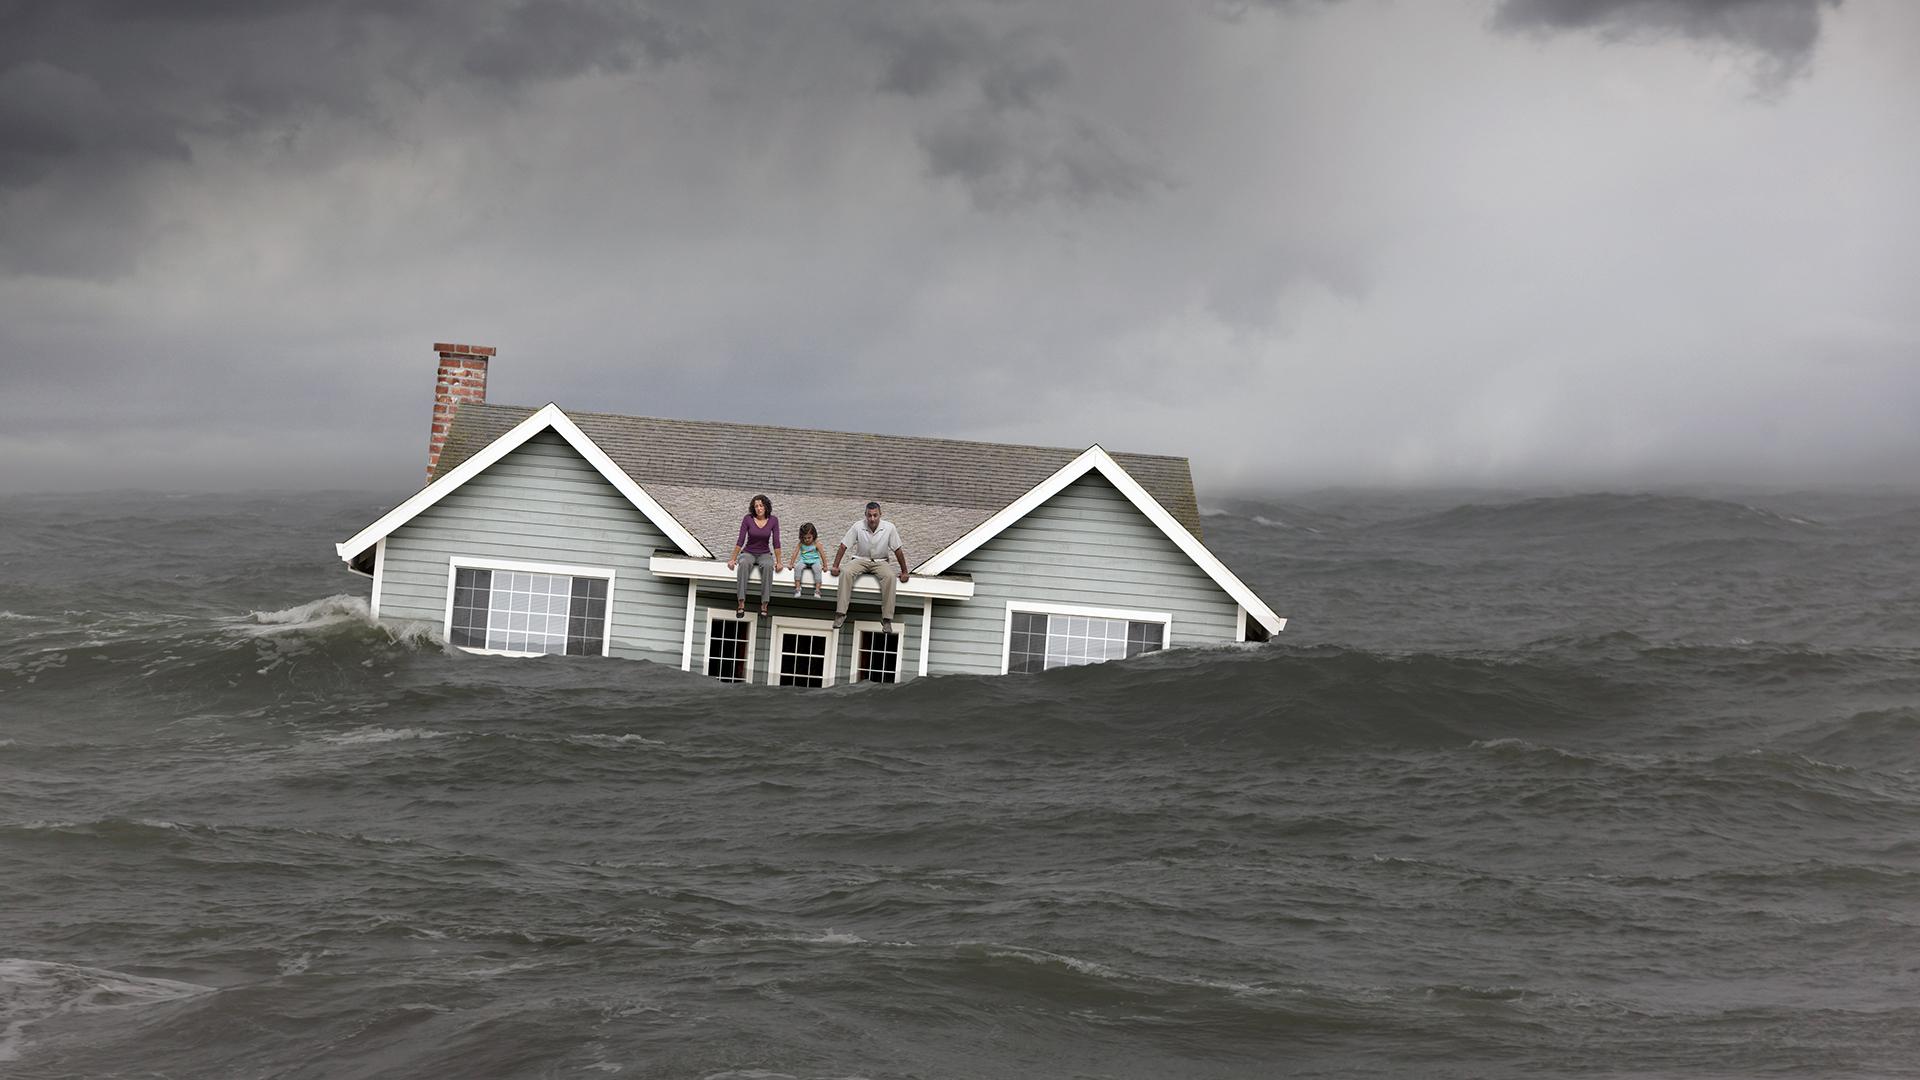 Estos son algunos de los desastres naturales ms raros de la